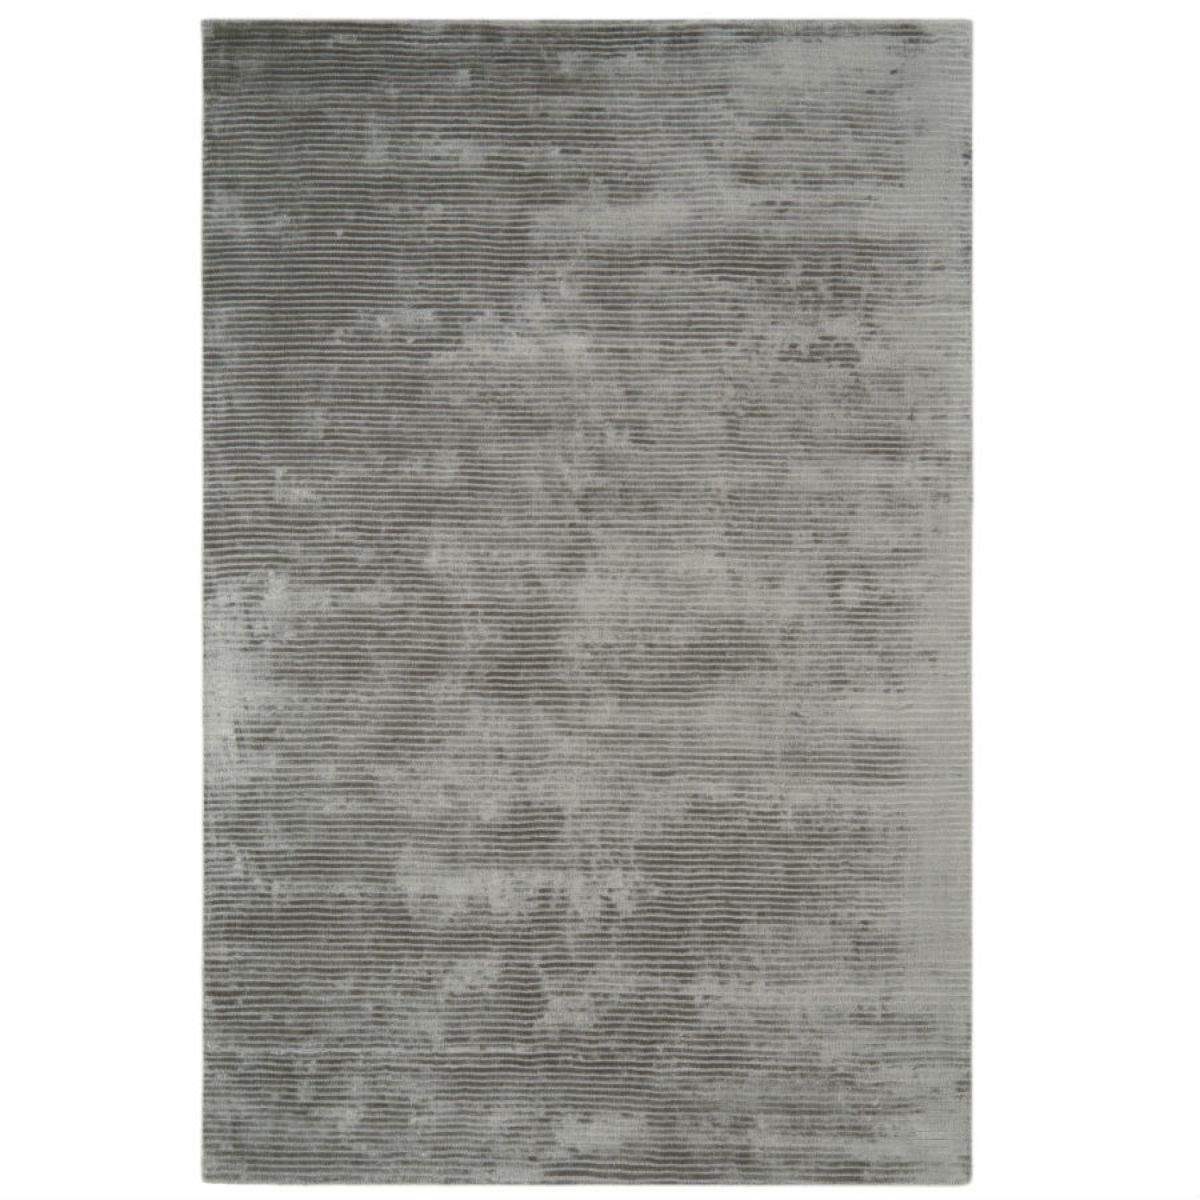 Asiatic Bellagio Rug - Zinc